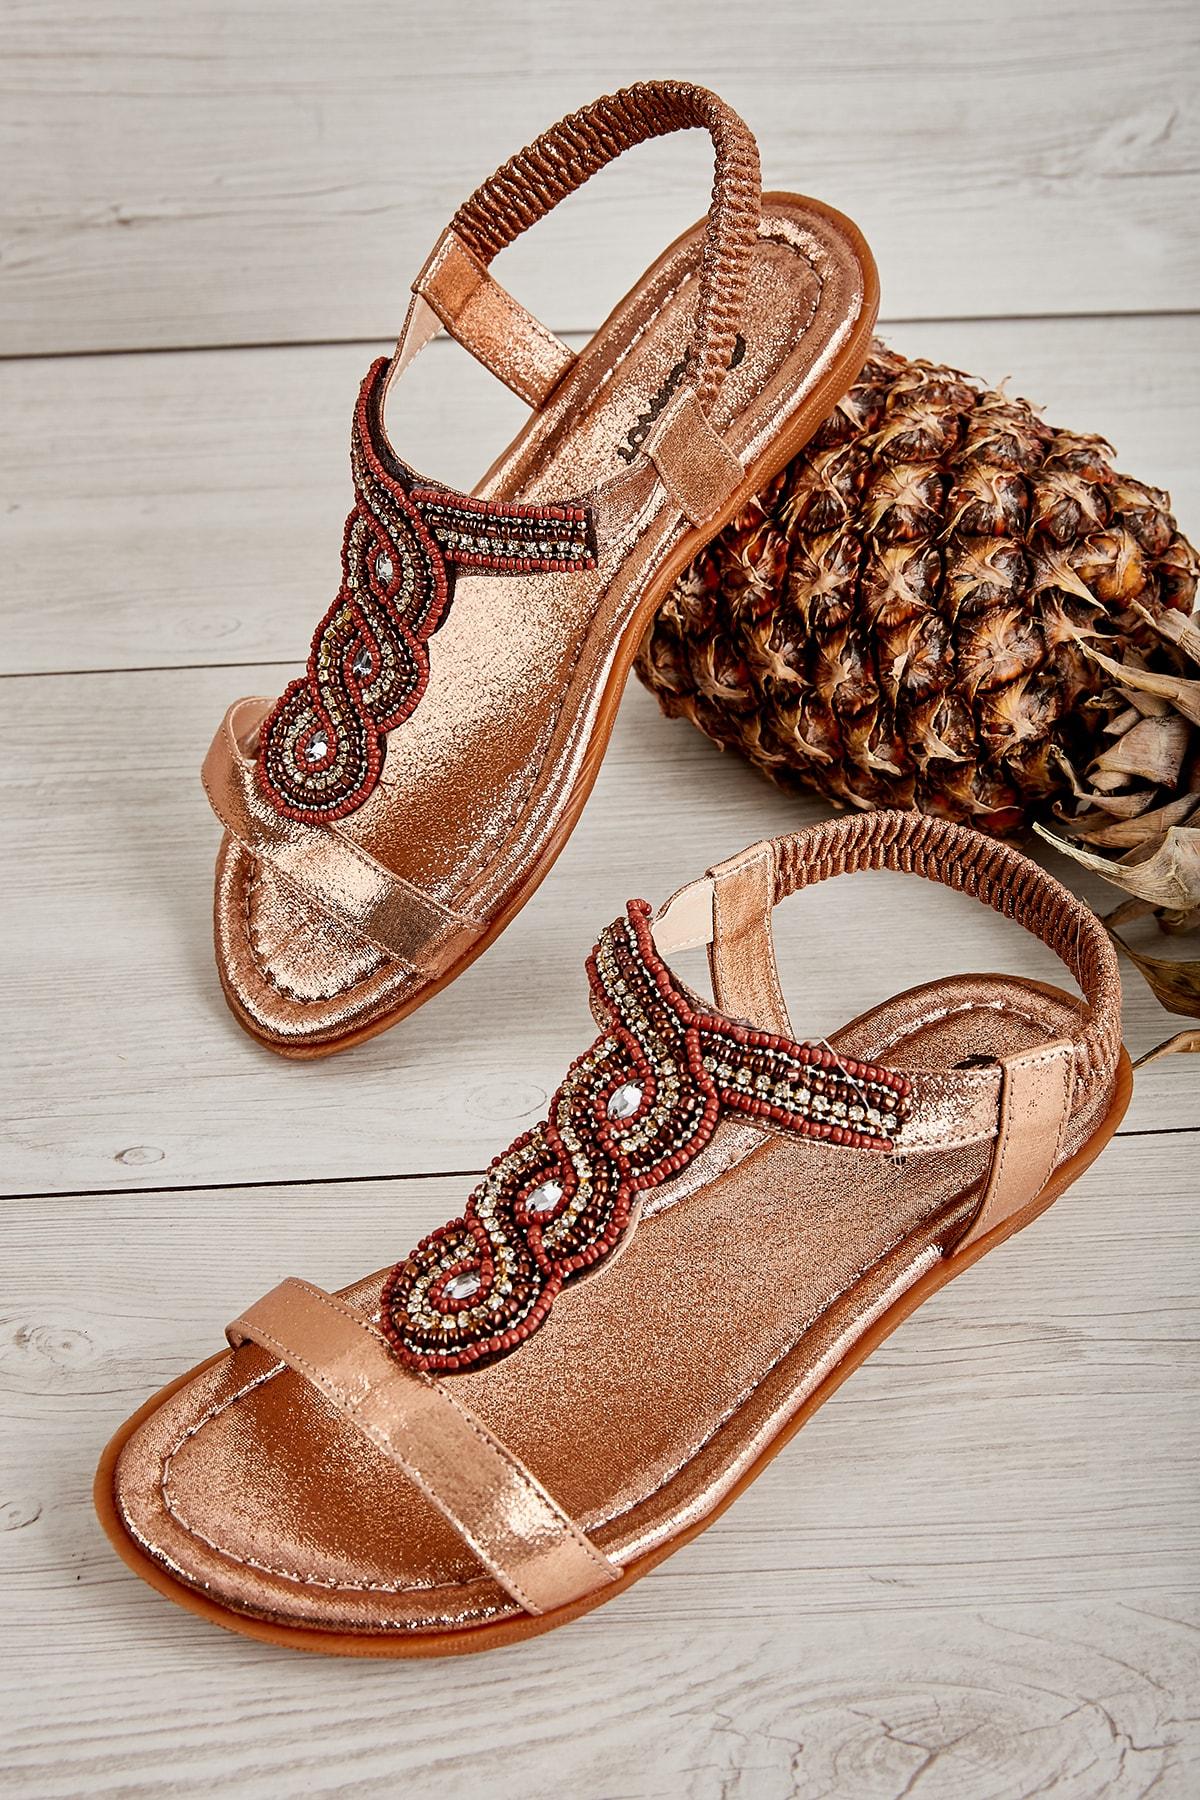 Bambi Rose Kadın Sandalet L0625014878 1